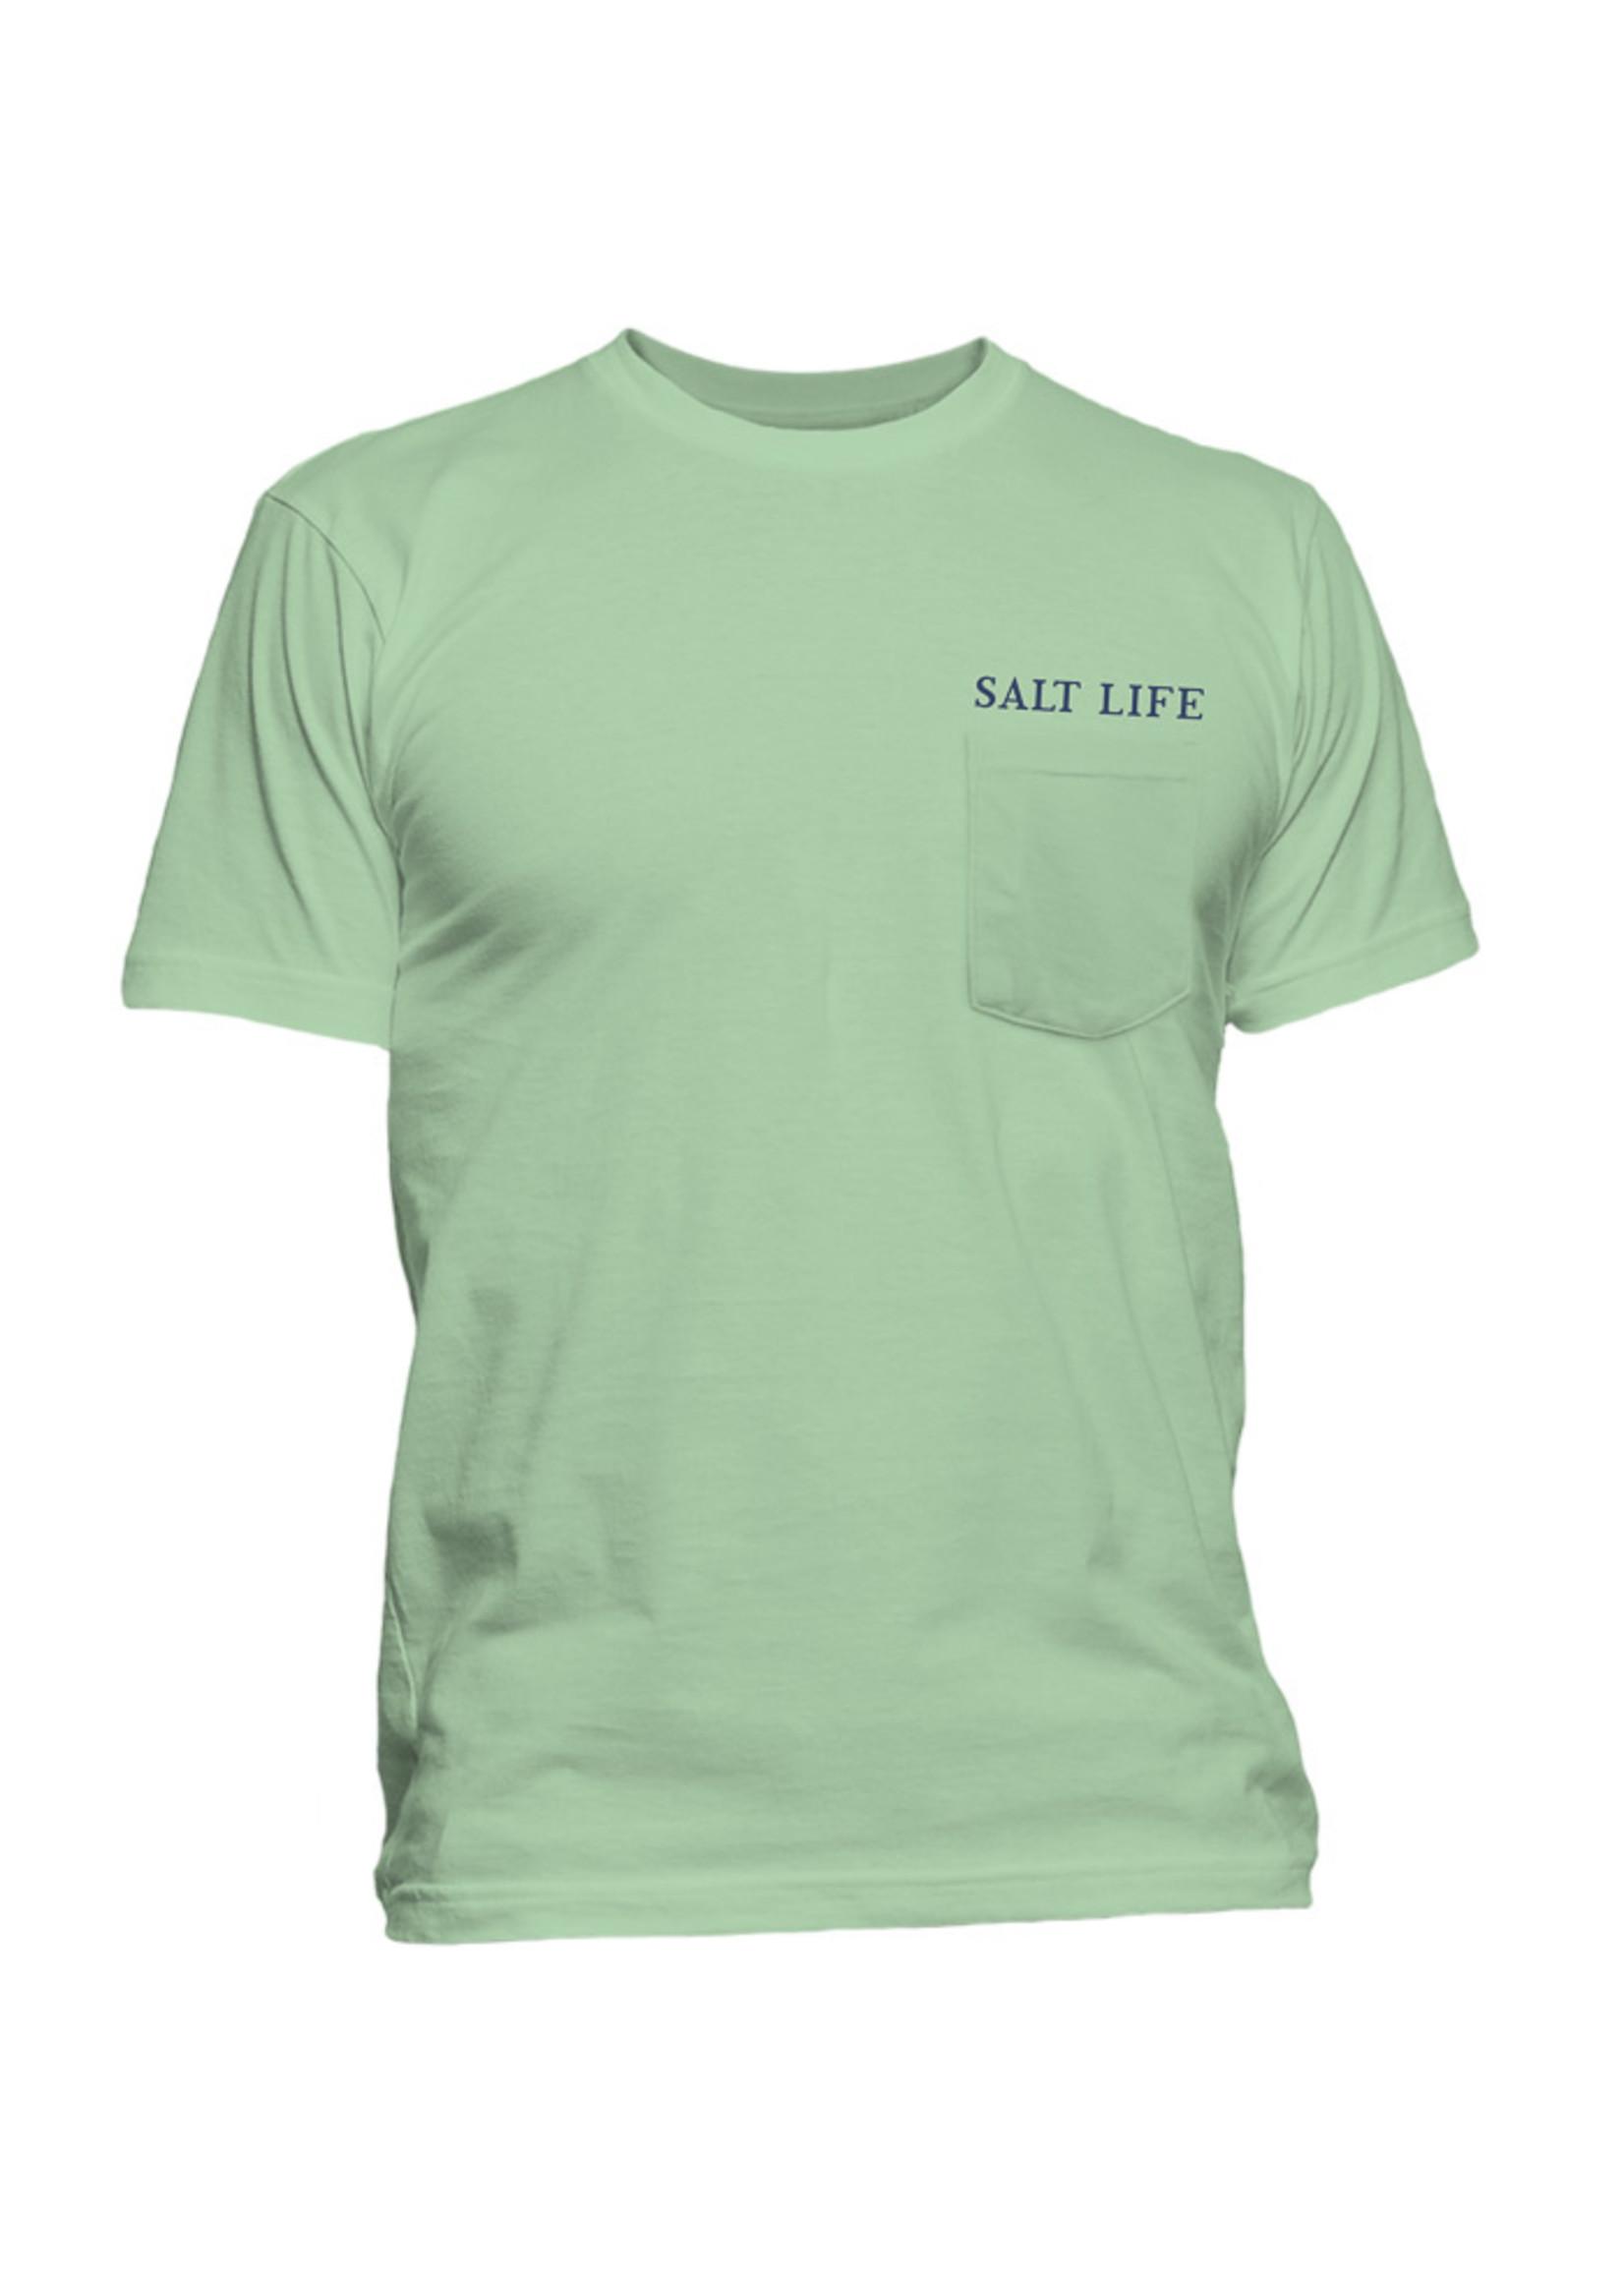 Salt Life Got The Blues Short Sleeve Pocket Tee